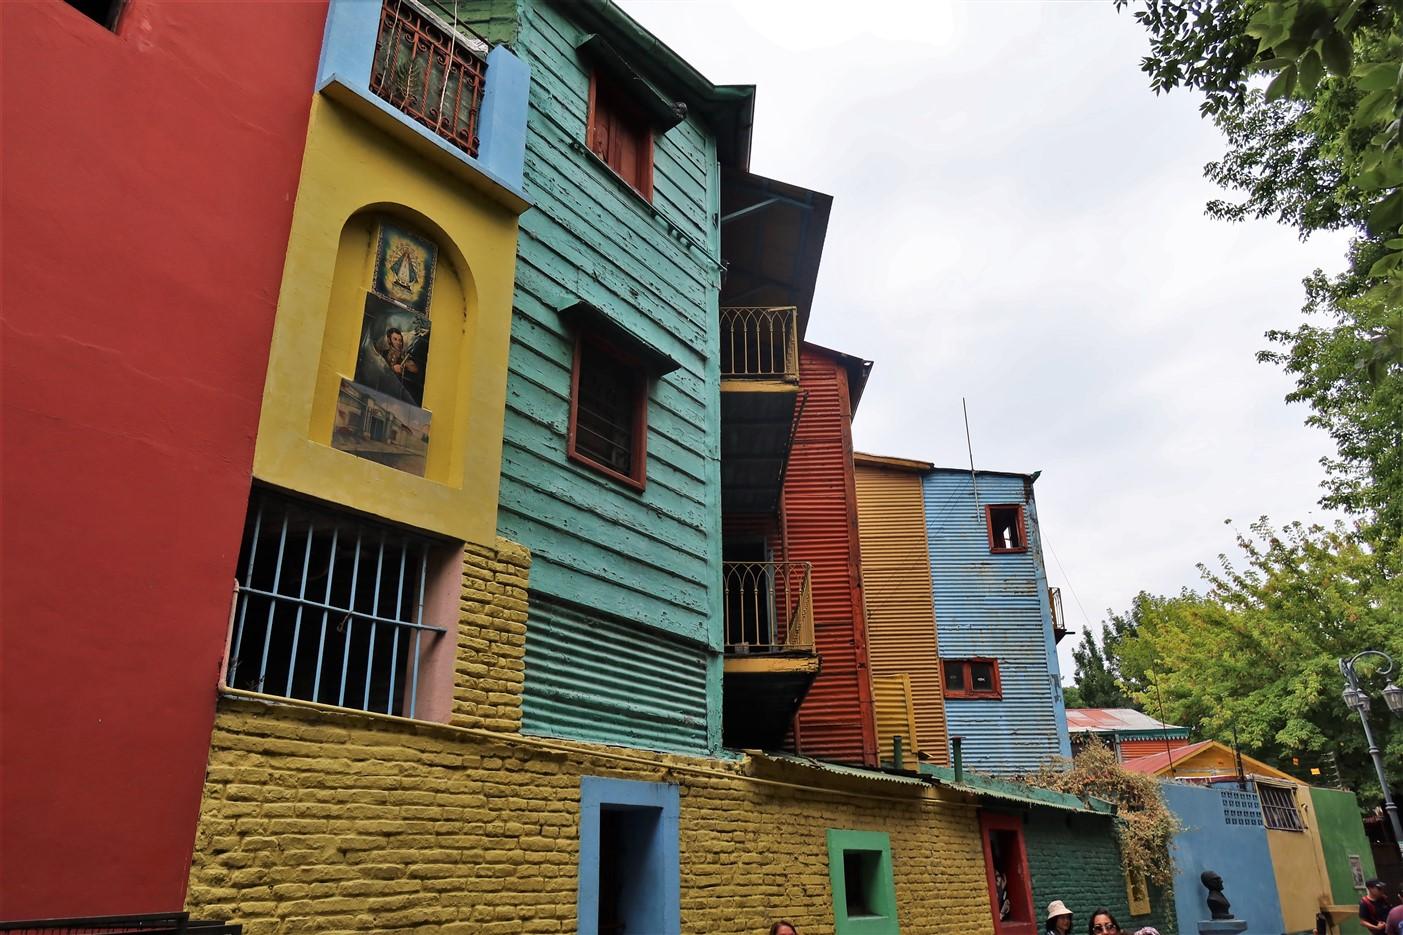 2020 03 08 136 Buenos Aires  La Boca.jpg